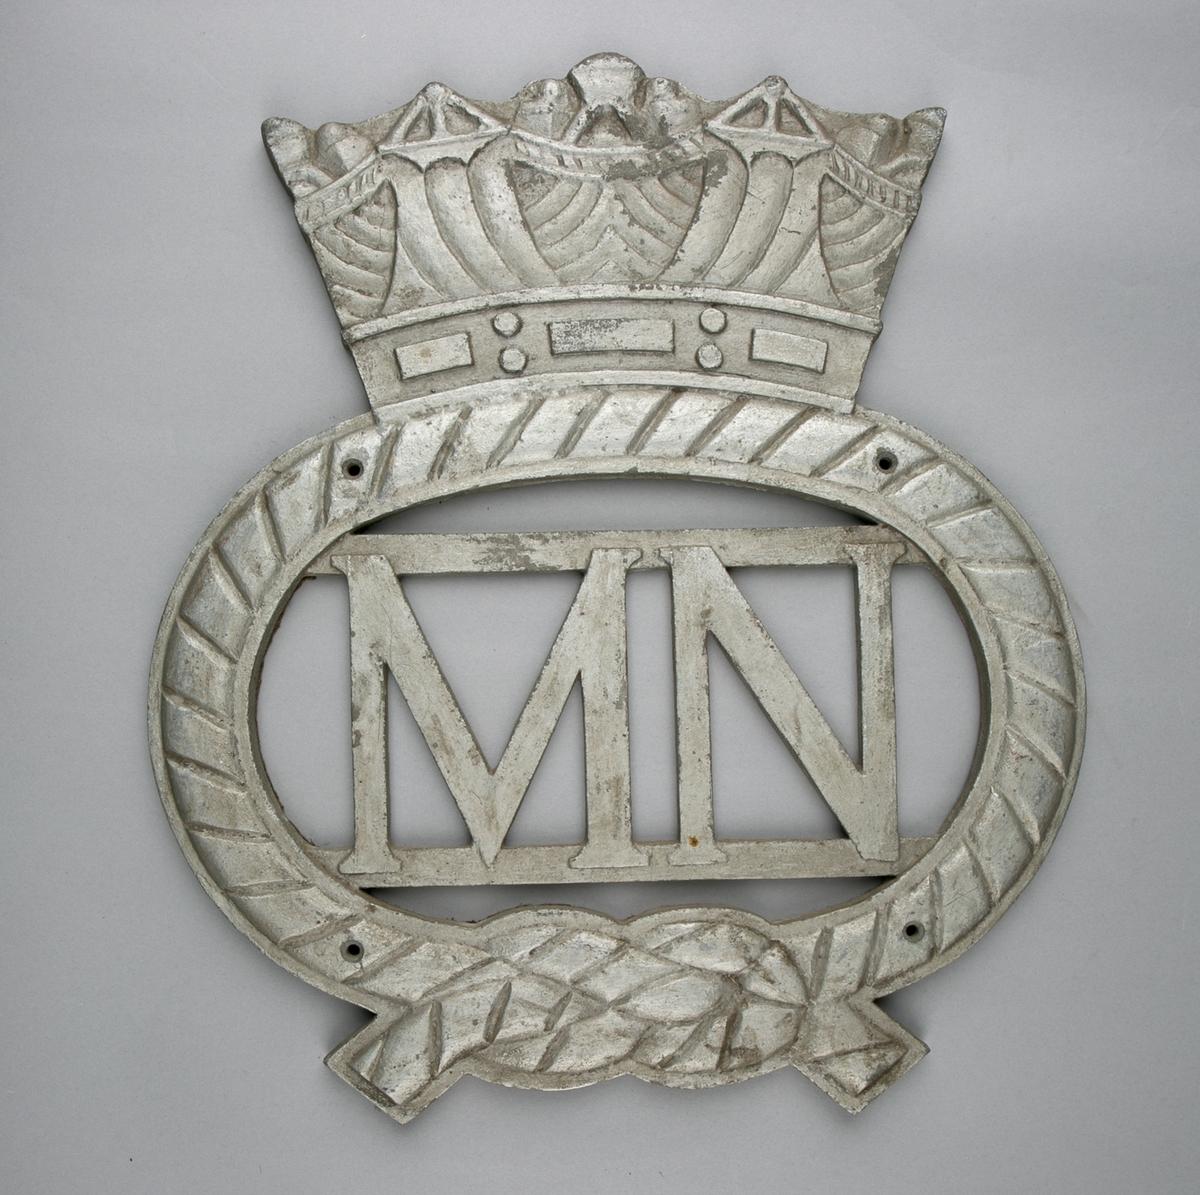 Ovalt emblem med krone. I senter bokstavene MN. Emblem ser ut som tau med båtsmannsknop.